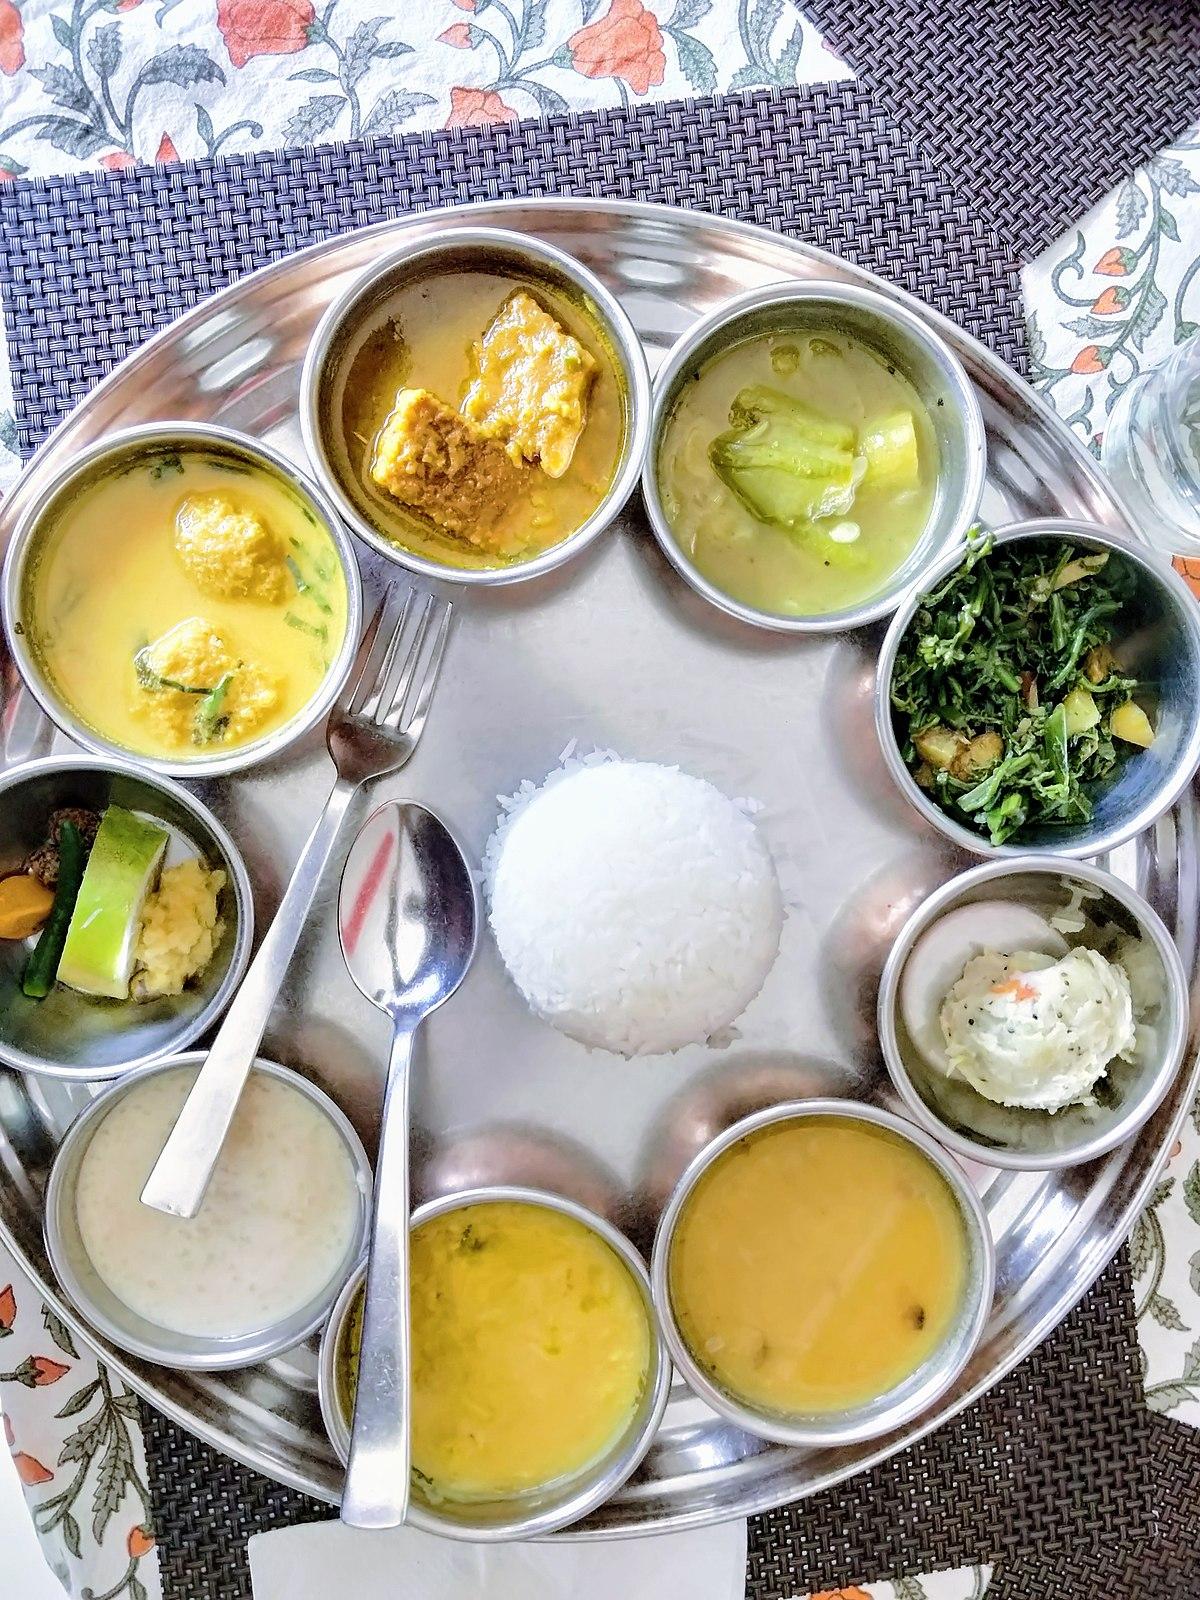 Assamese cuisine